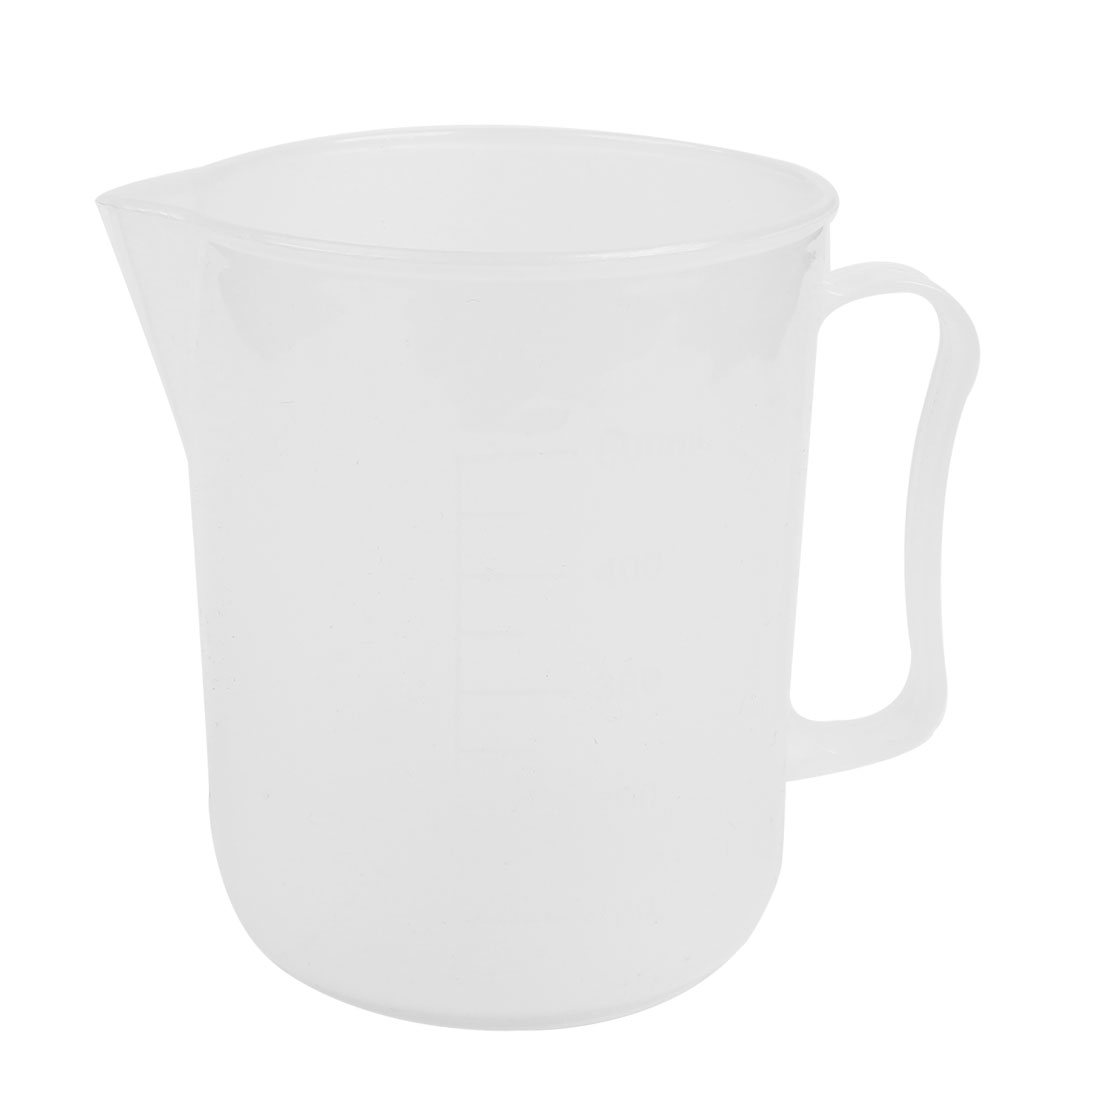 500ML Capacity Kitchen Lab Plastic Handgrip Liquid Measuring Cup